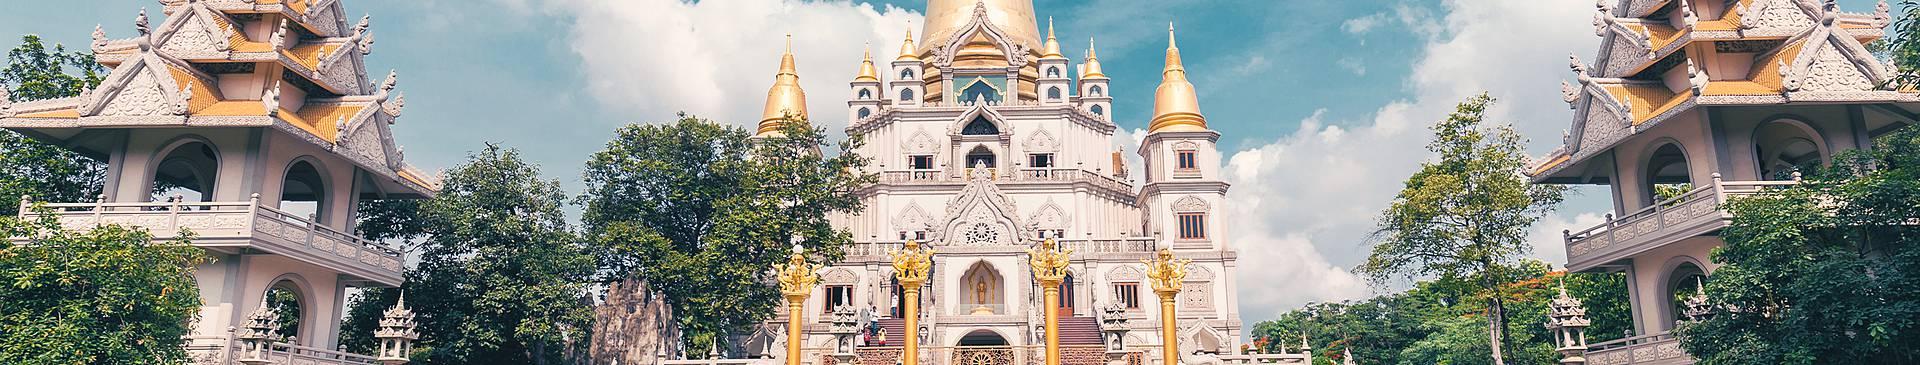 City tours in Vietnam